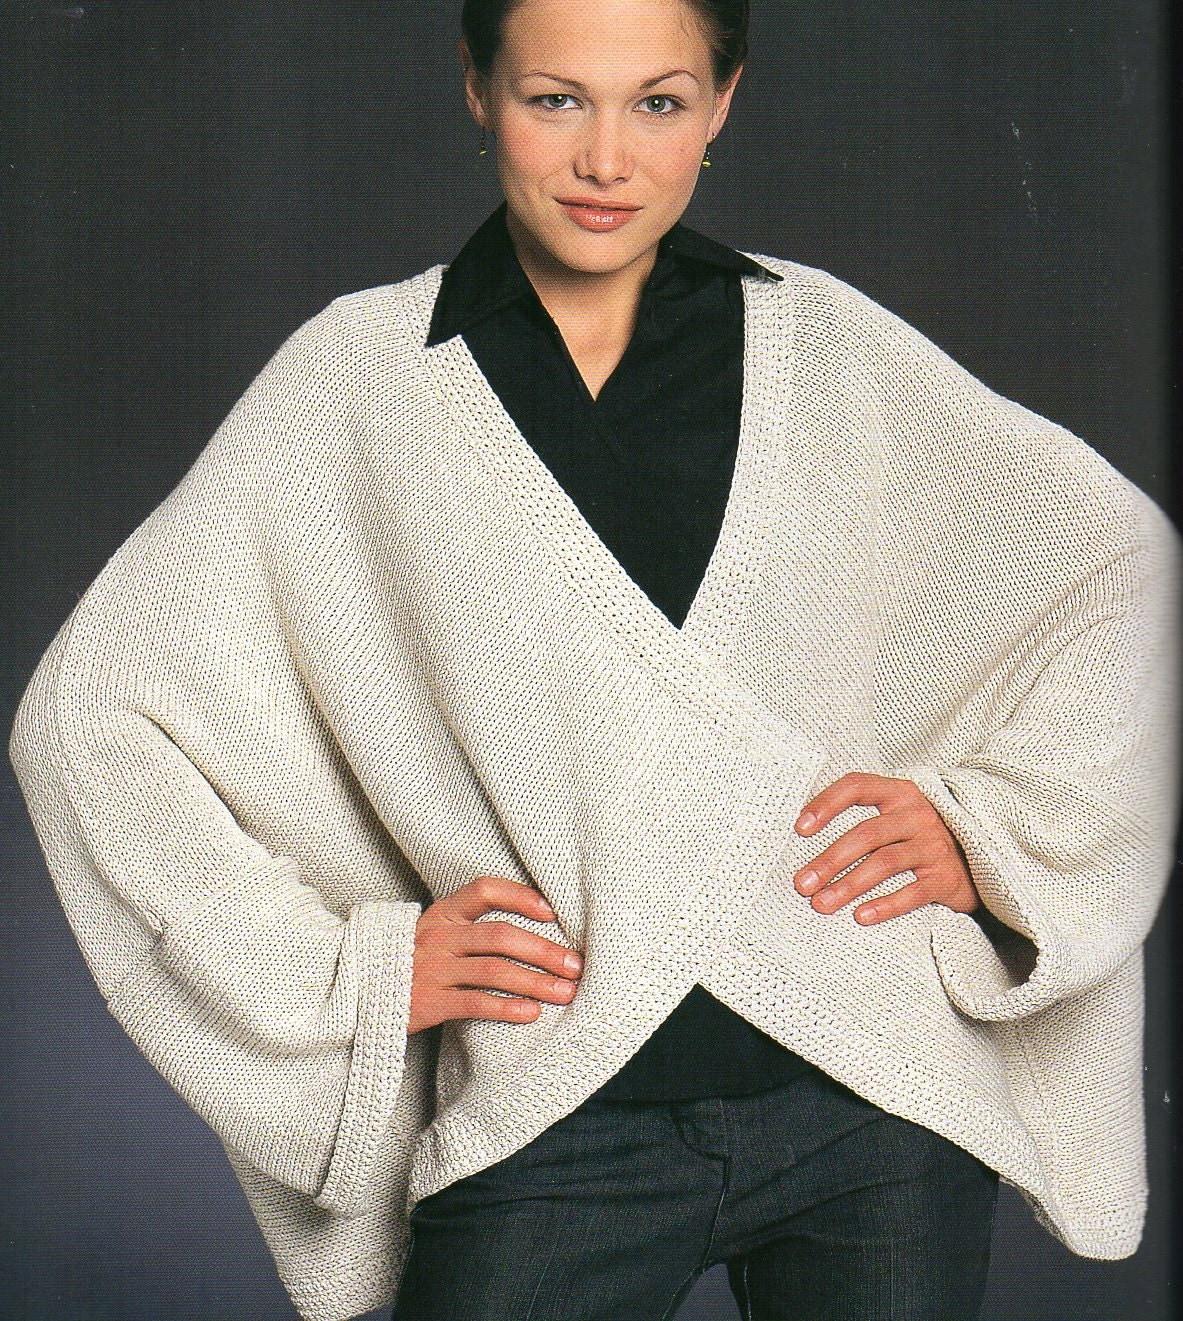 Knitting Pattern For Kimono Wrap : Kimono Wrap Jacket Knitting Pattern Easy Fitting One Size Fits